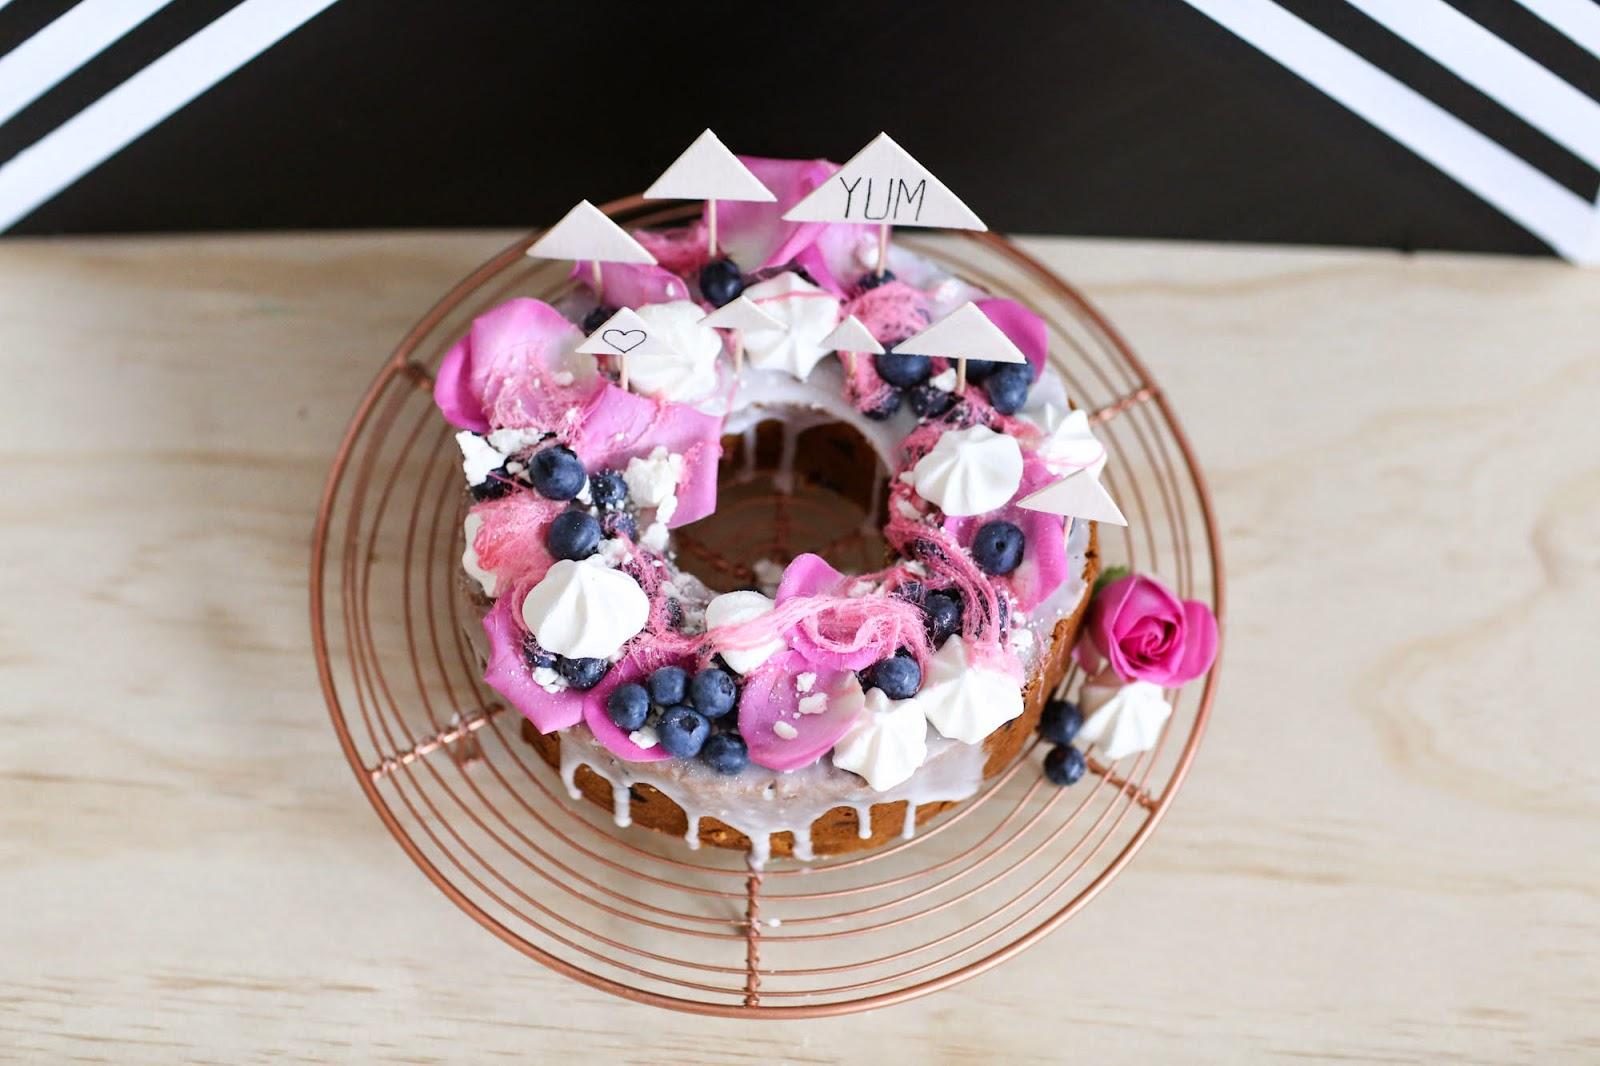 Coconut blueberry bundt cake-30.jpg